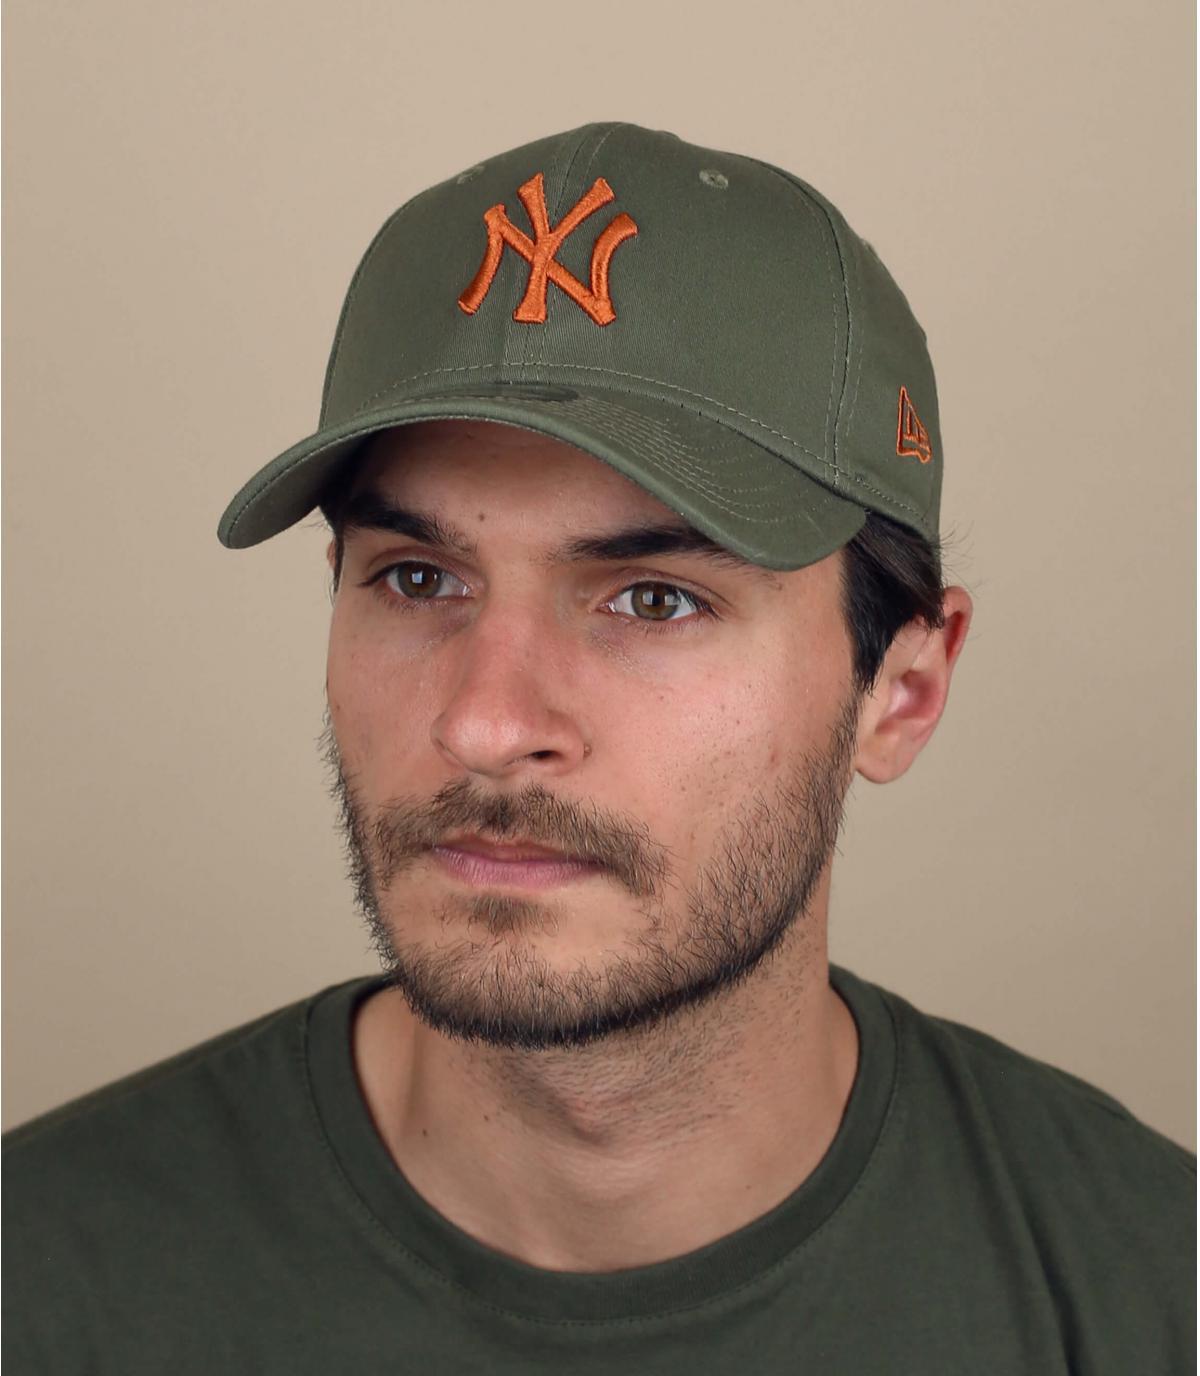 green NY stretch cap